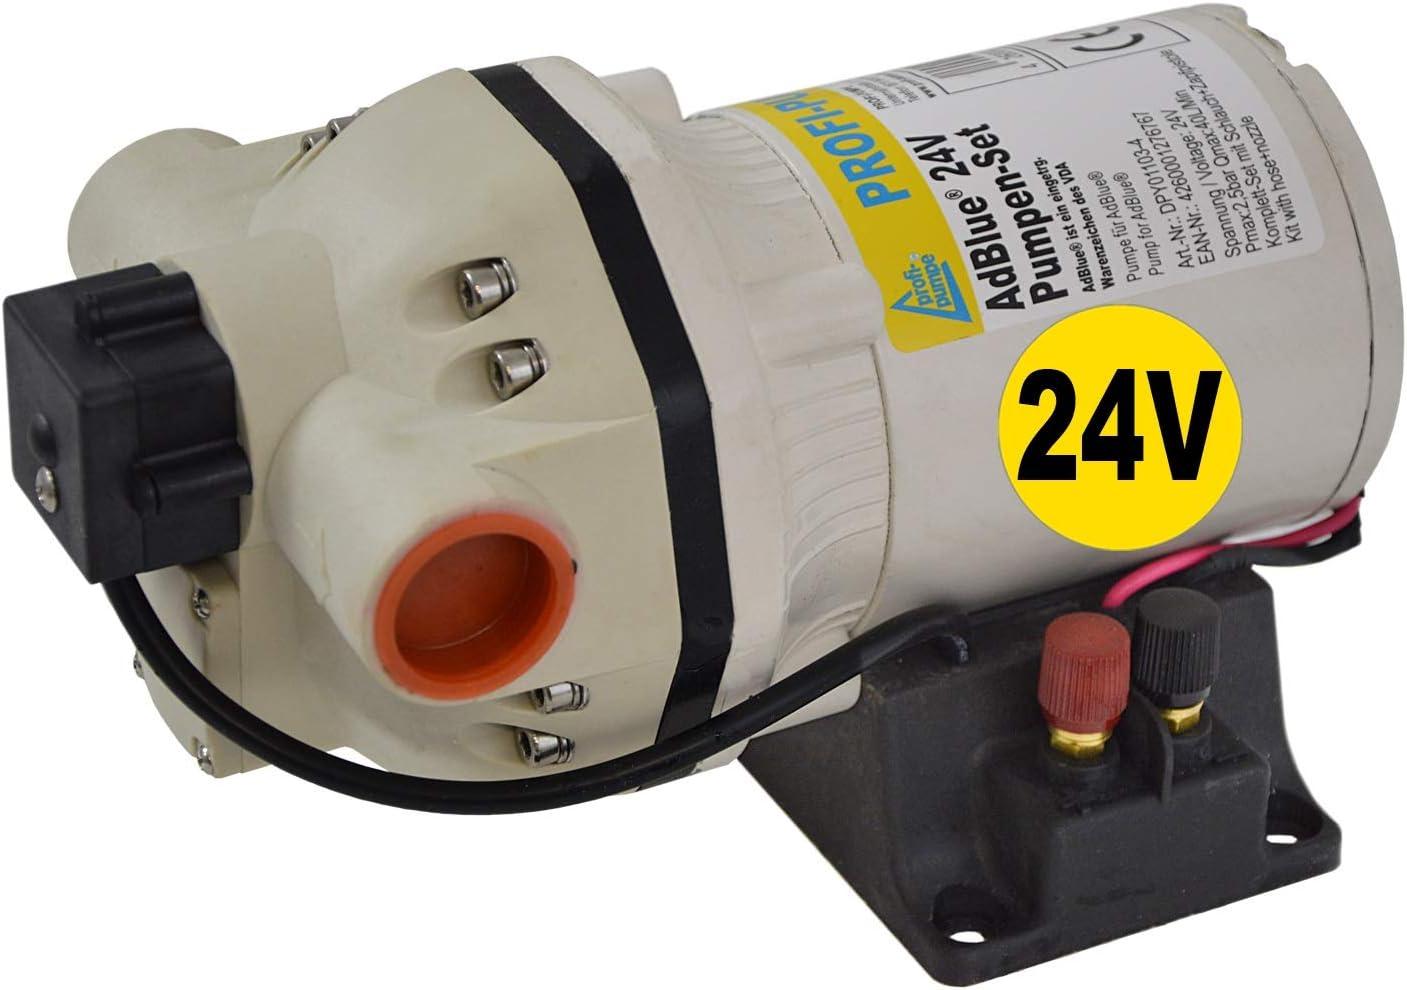 Bomba AdBlue® - Bomba de urea 24V - Bomba de diafragma - Bomba química - con Motor eléctrico autocebante de gran potencia con bobinado de cobre con un ahorro adicional!